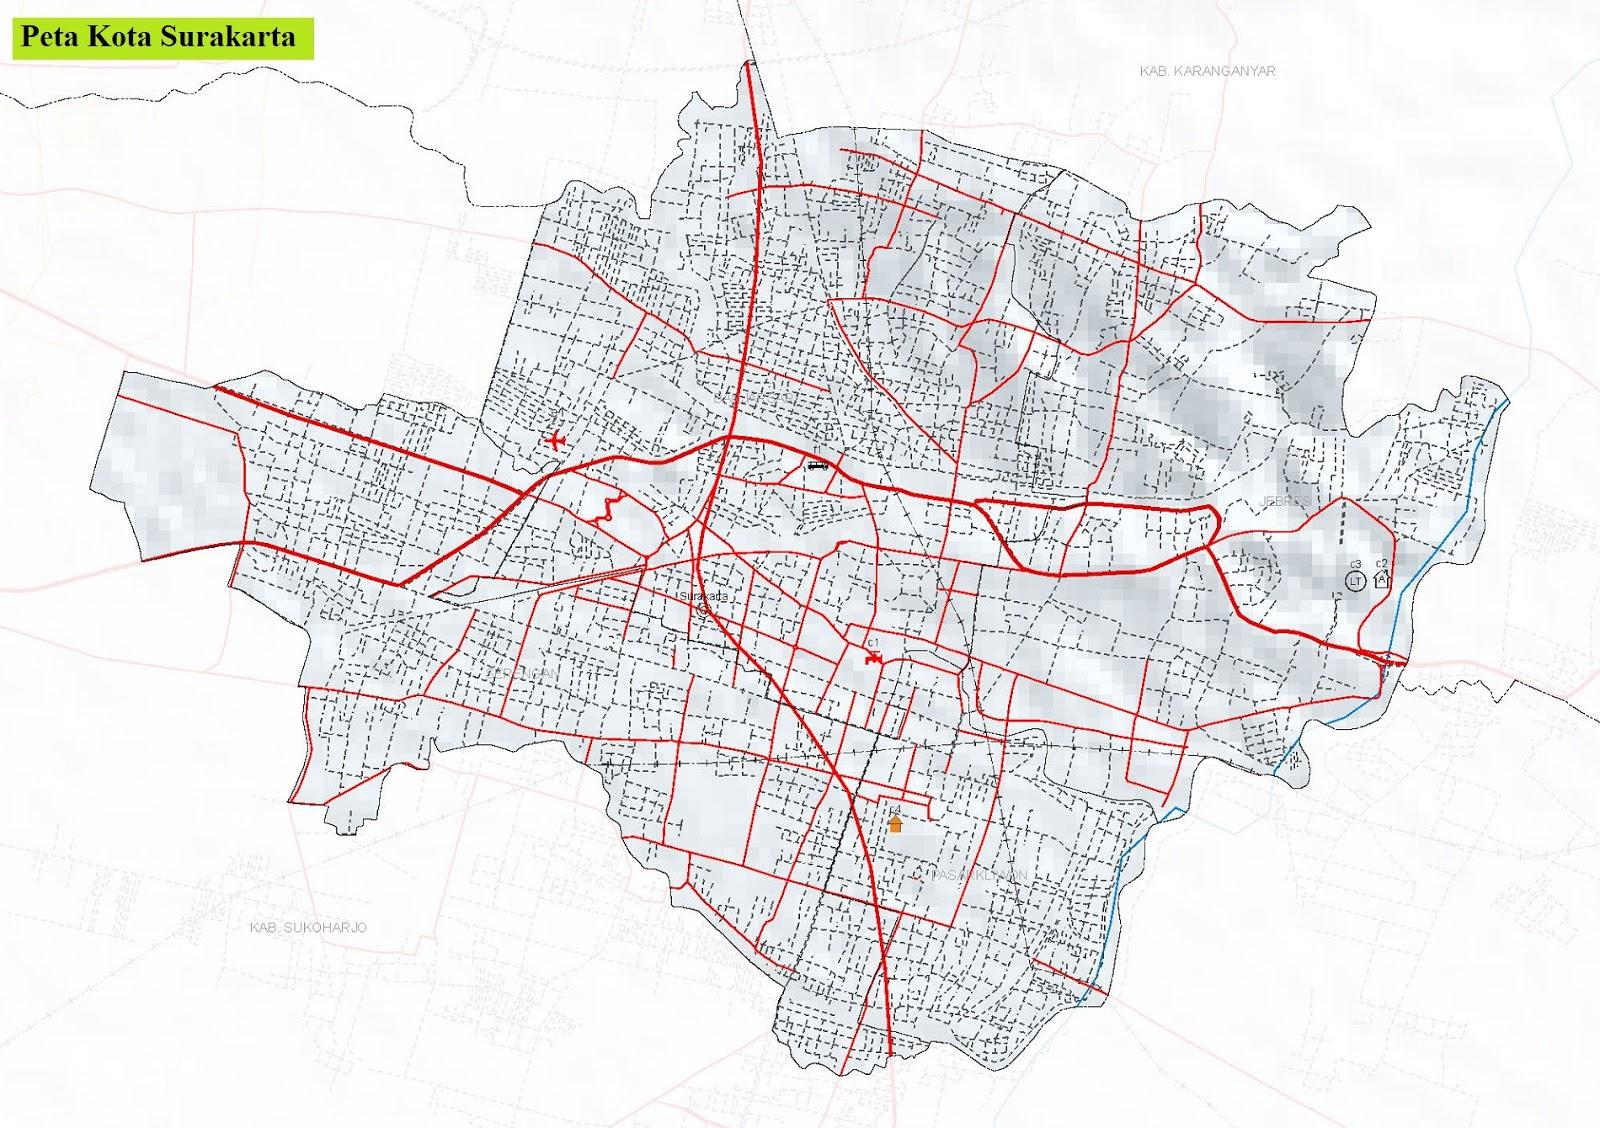 Peta Kota Surakarta HD